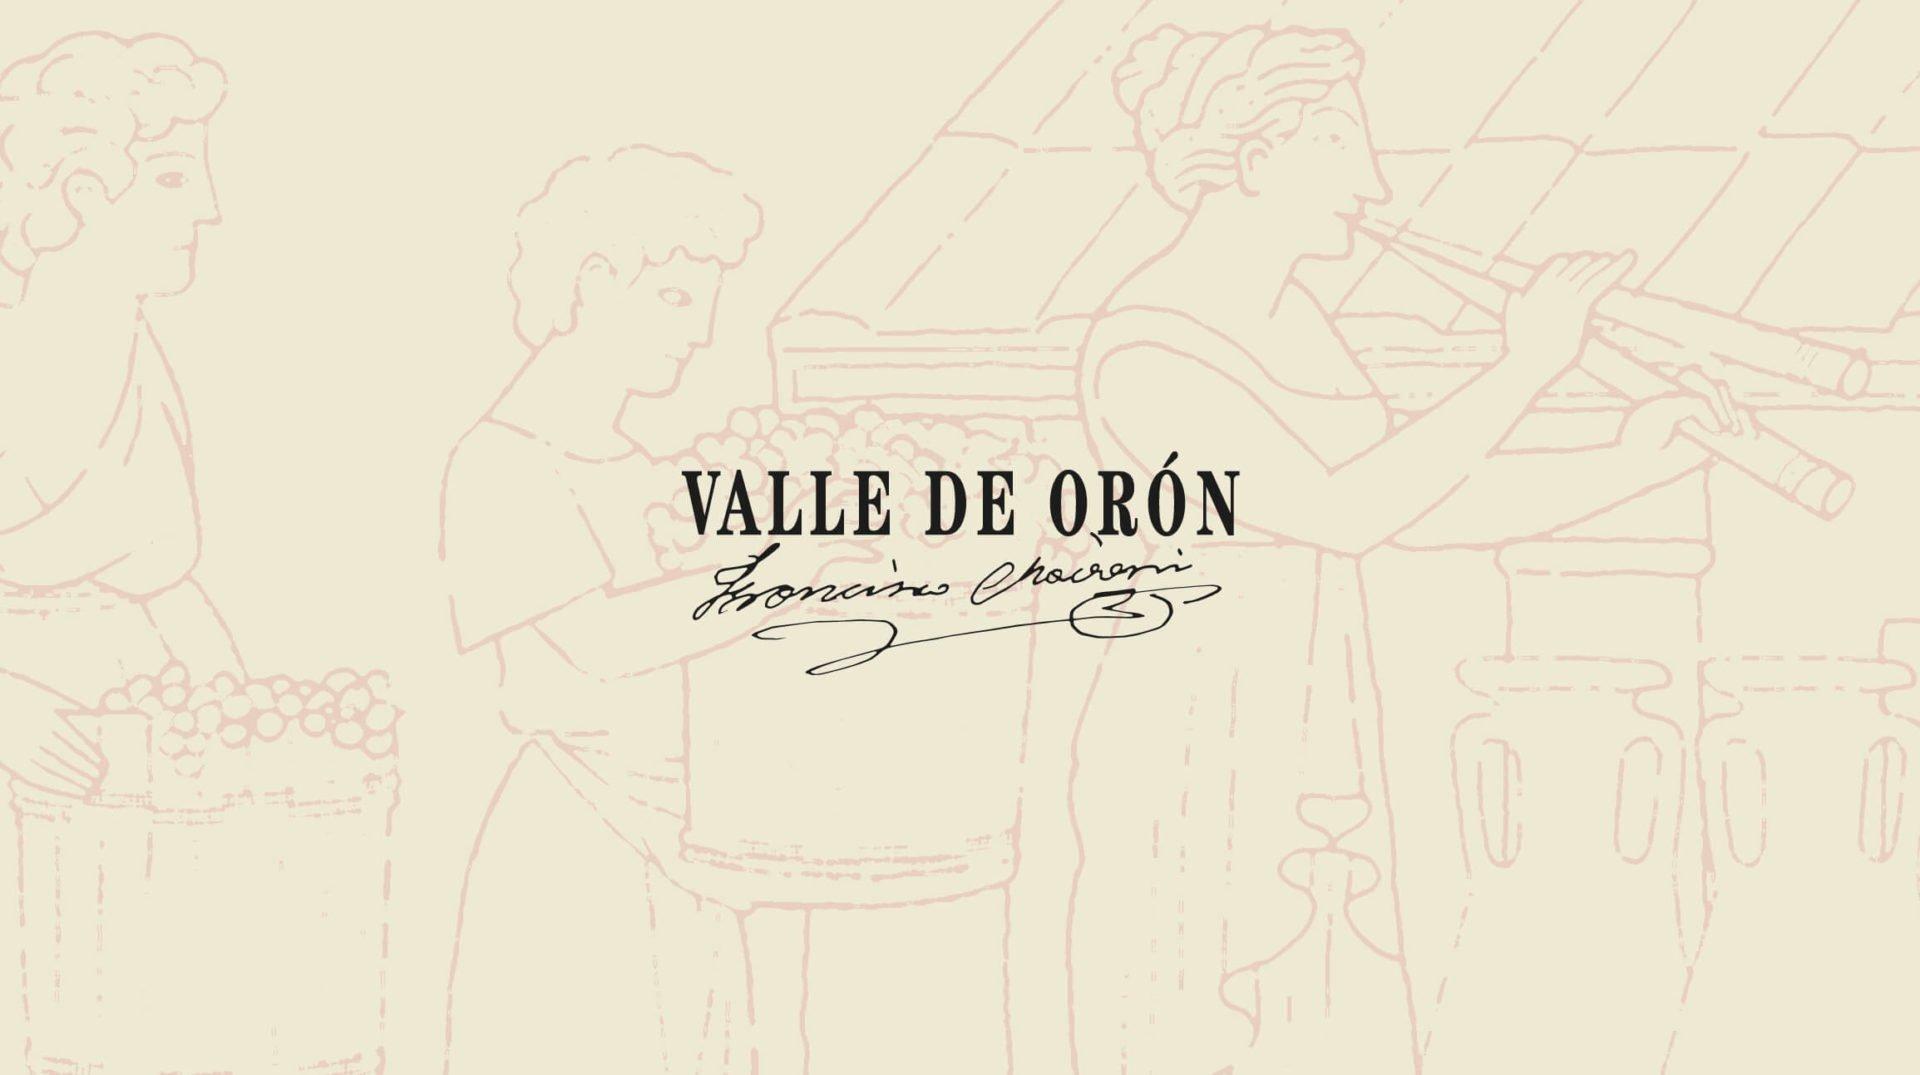 logotipo-valle-de-oron-vino-bodega-familia-chavarri